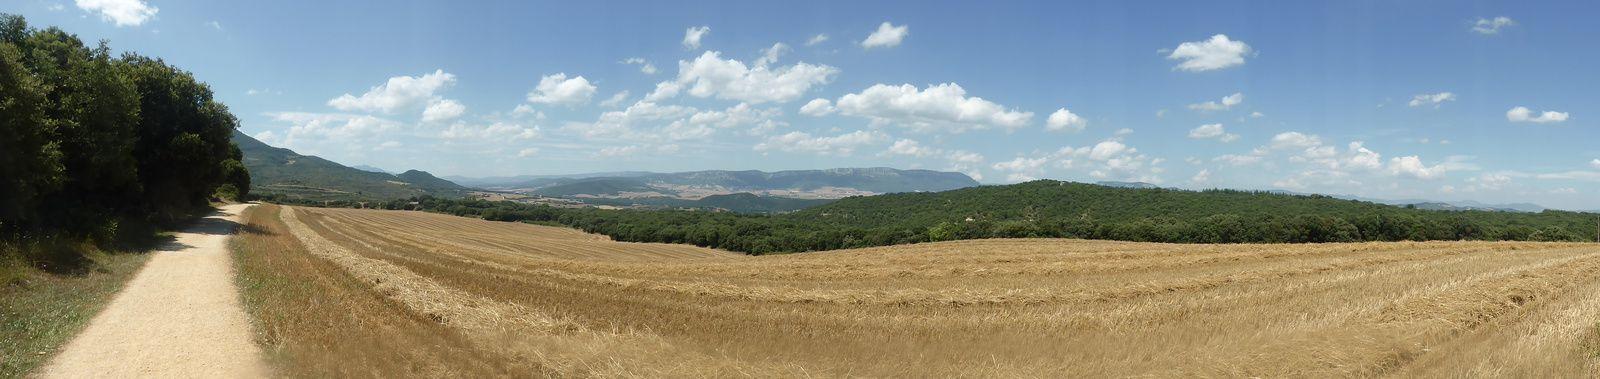 Nous marchons maintenant vers Villamayor de Monjardin, le temps est toujours magnifique et nous croisons peu de monde.